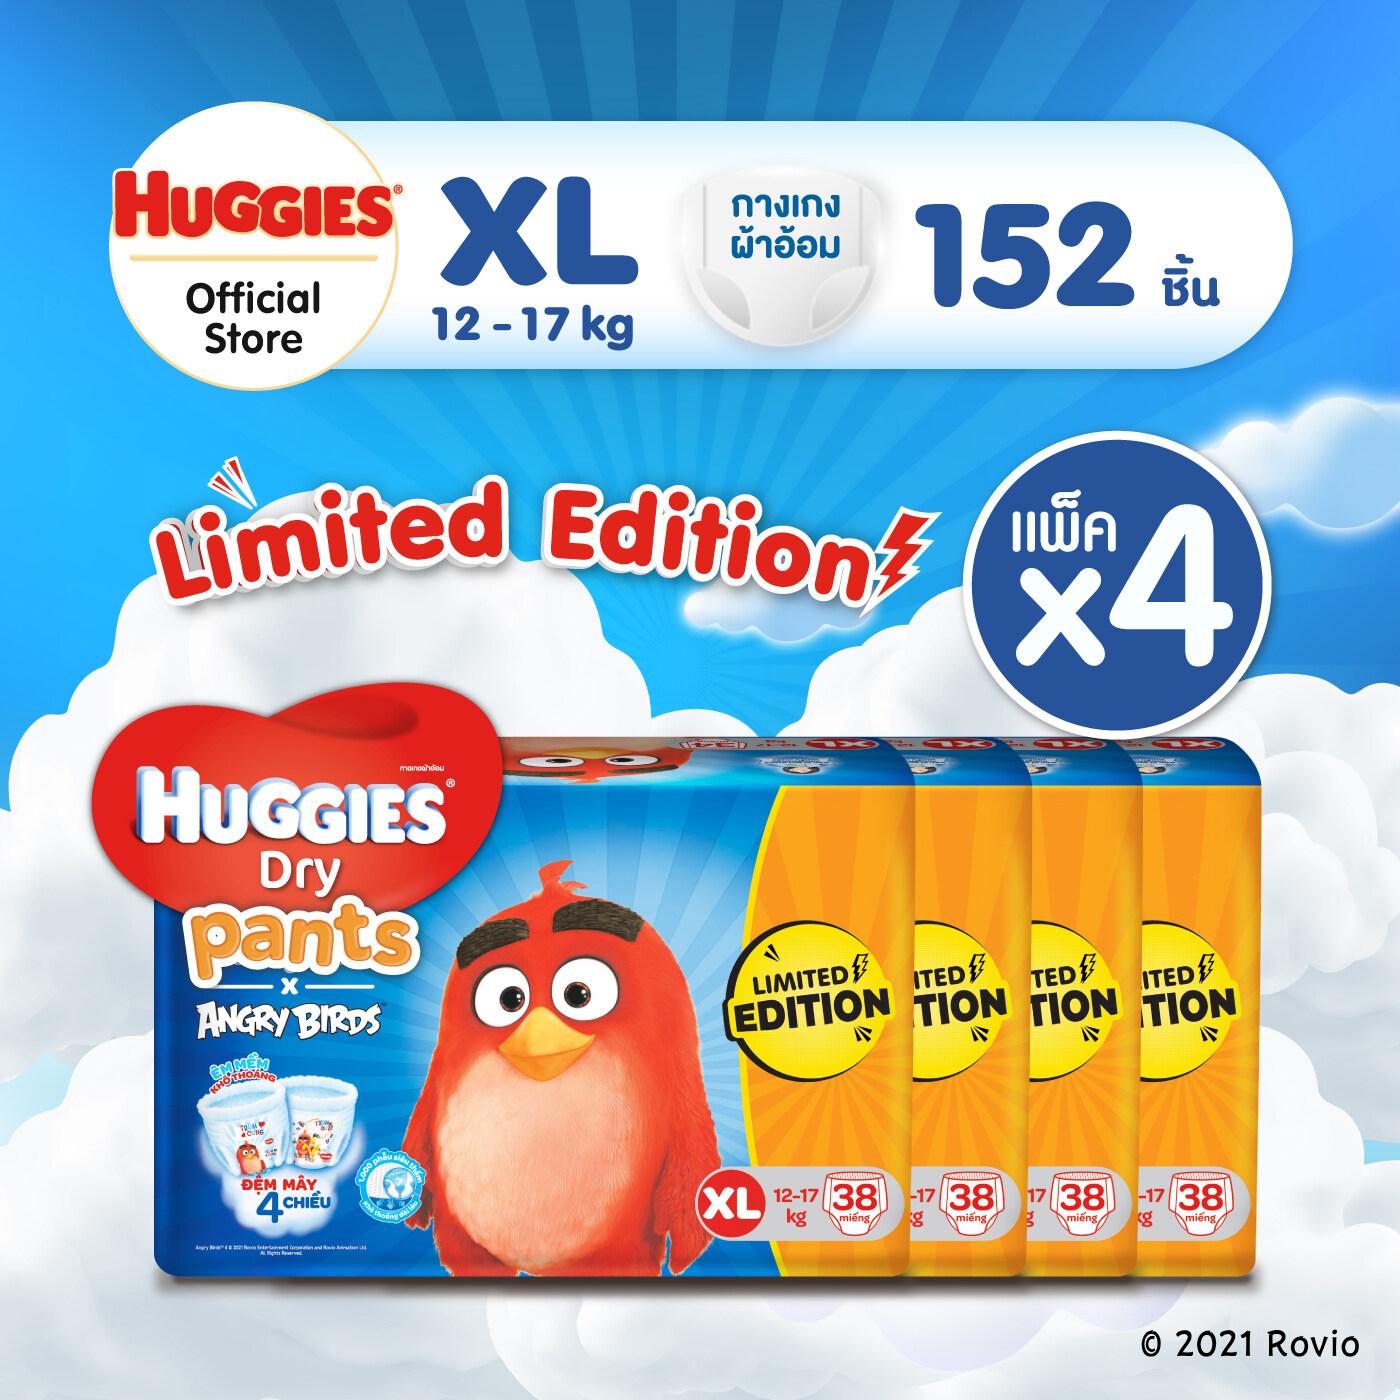 [ยกลัง] Limited Edition! Huggies Dry Pants Angry Birds [XL] กางเกงผ้าอ้อมเด็ก ฮักกี้ส์ ดราย แองกรี้ เบิร์ด ไซส์ XL 38 ชิ้น x 4 แพ็ค (152ชิ้น)